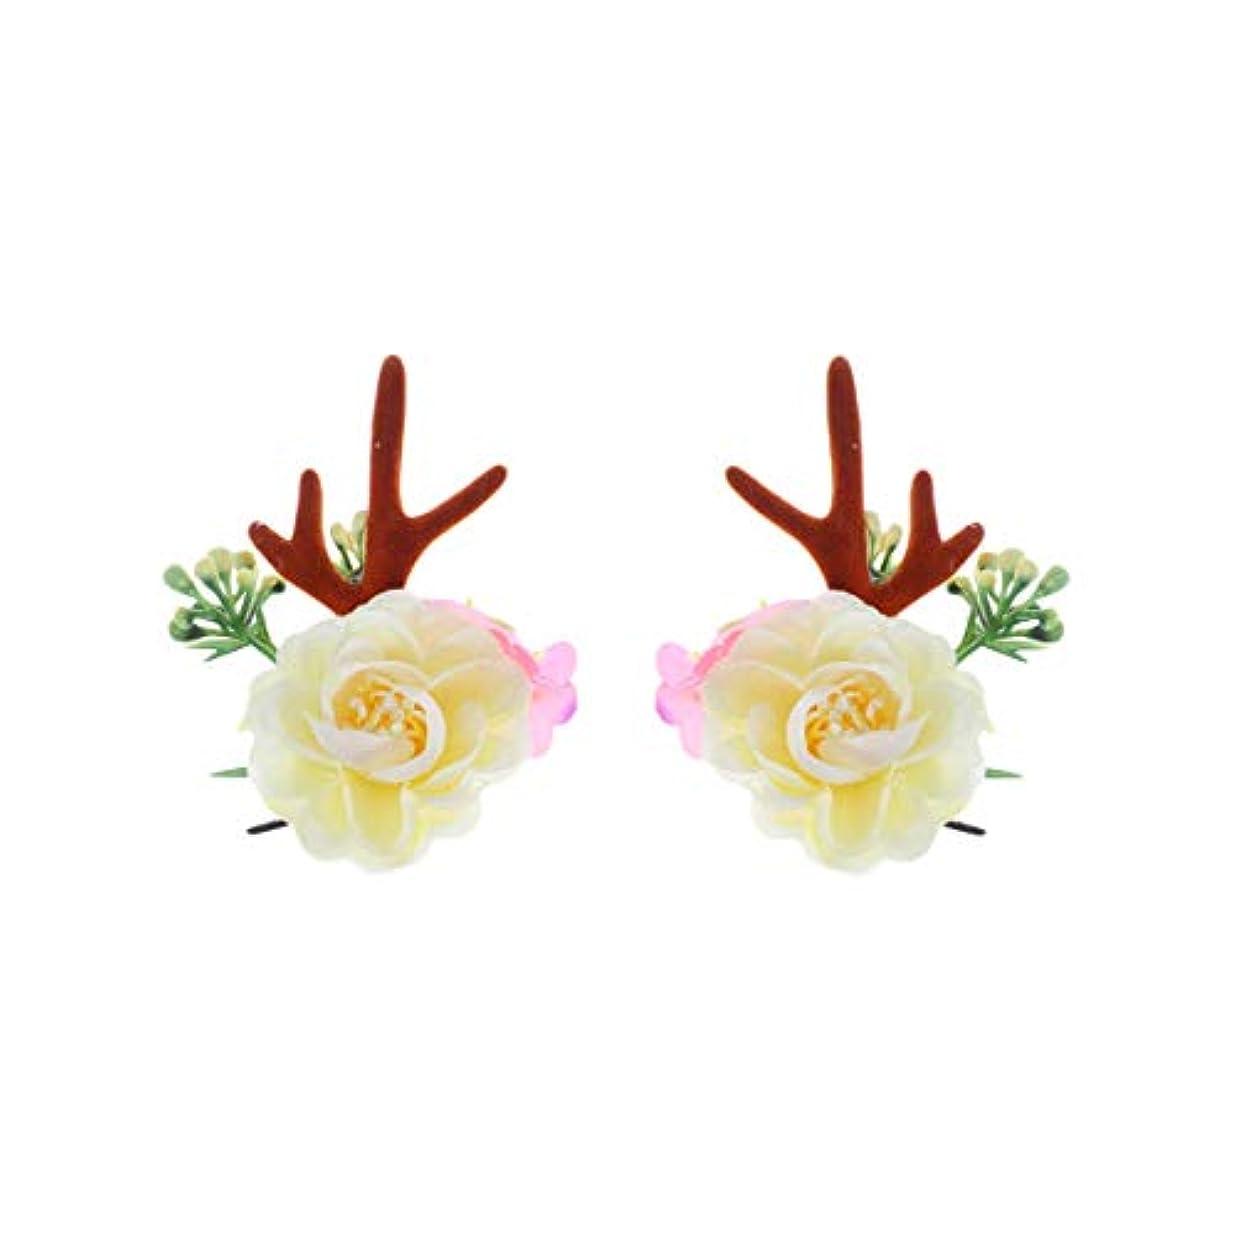 勃起噴水発音Lurrose クリスマスヘアクリップアントラーズアントラーズヘアピンかわいいヘアアクセサリー女の子日常着パーティーデコレーション